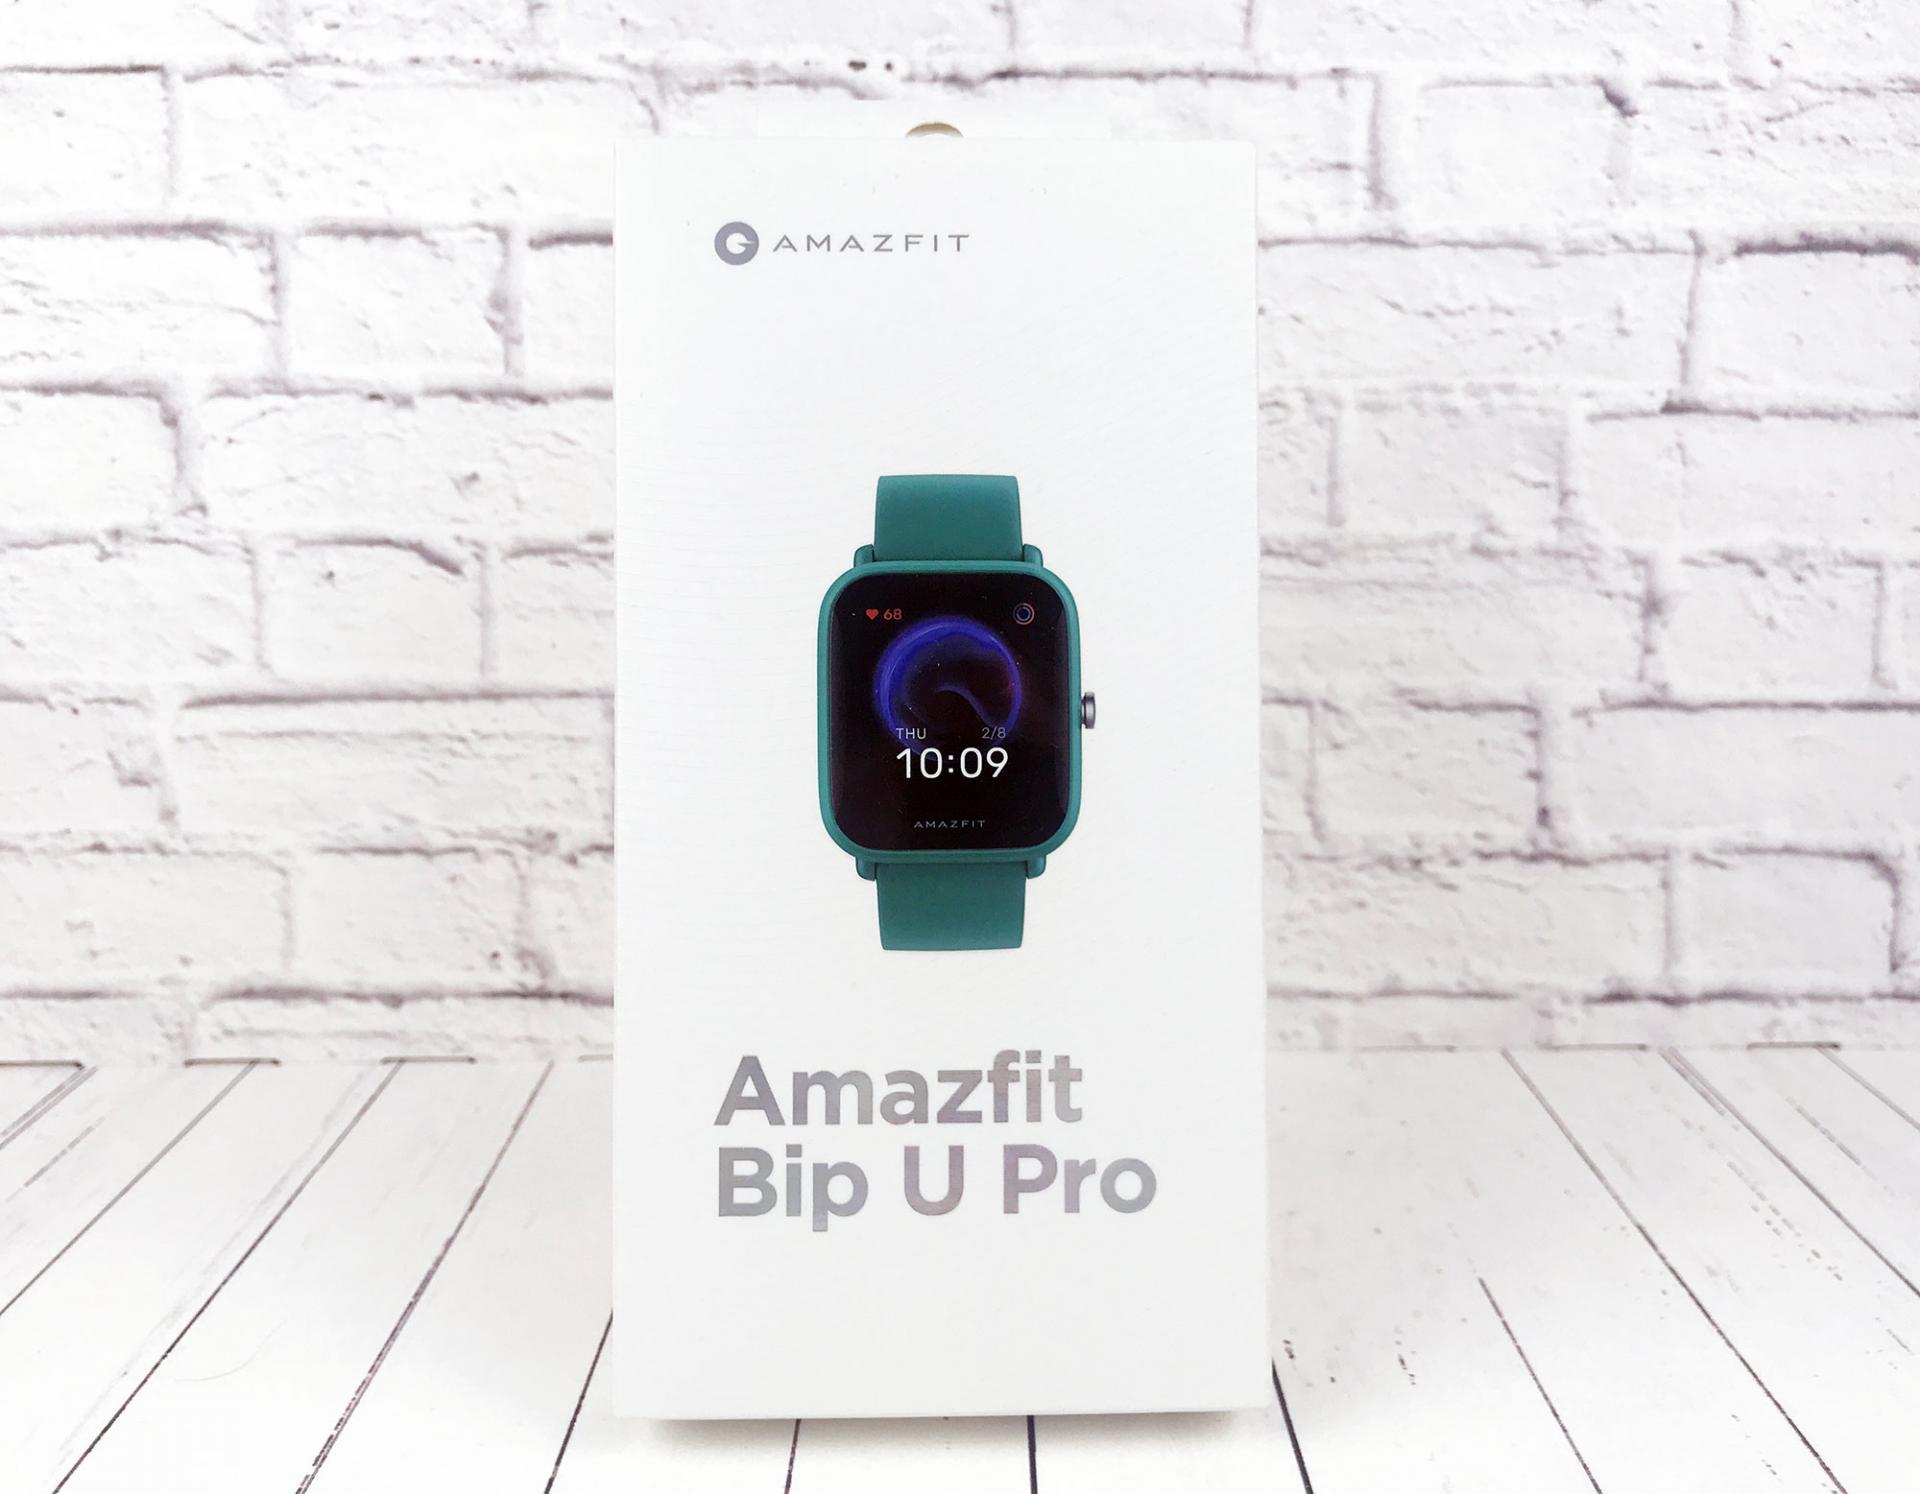 Обзор умных часов Amazfit Bip U Pro